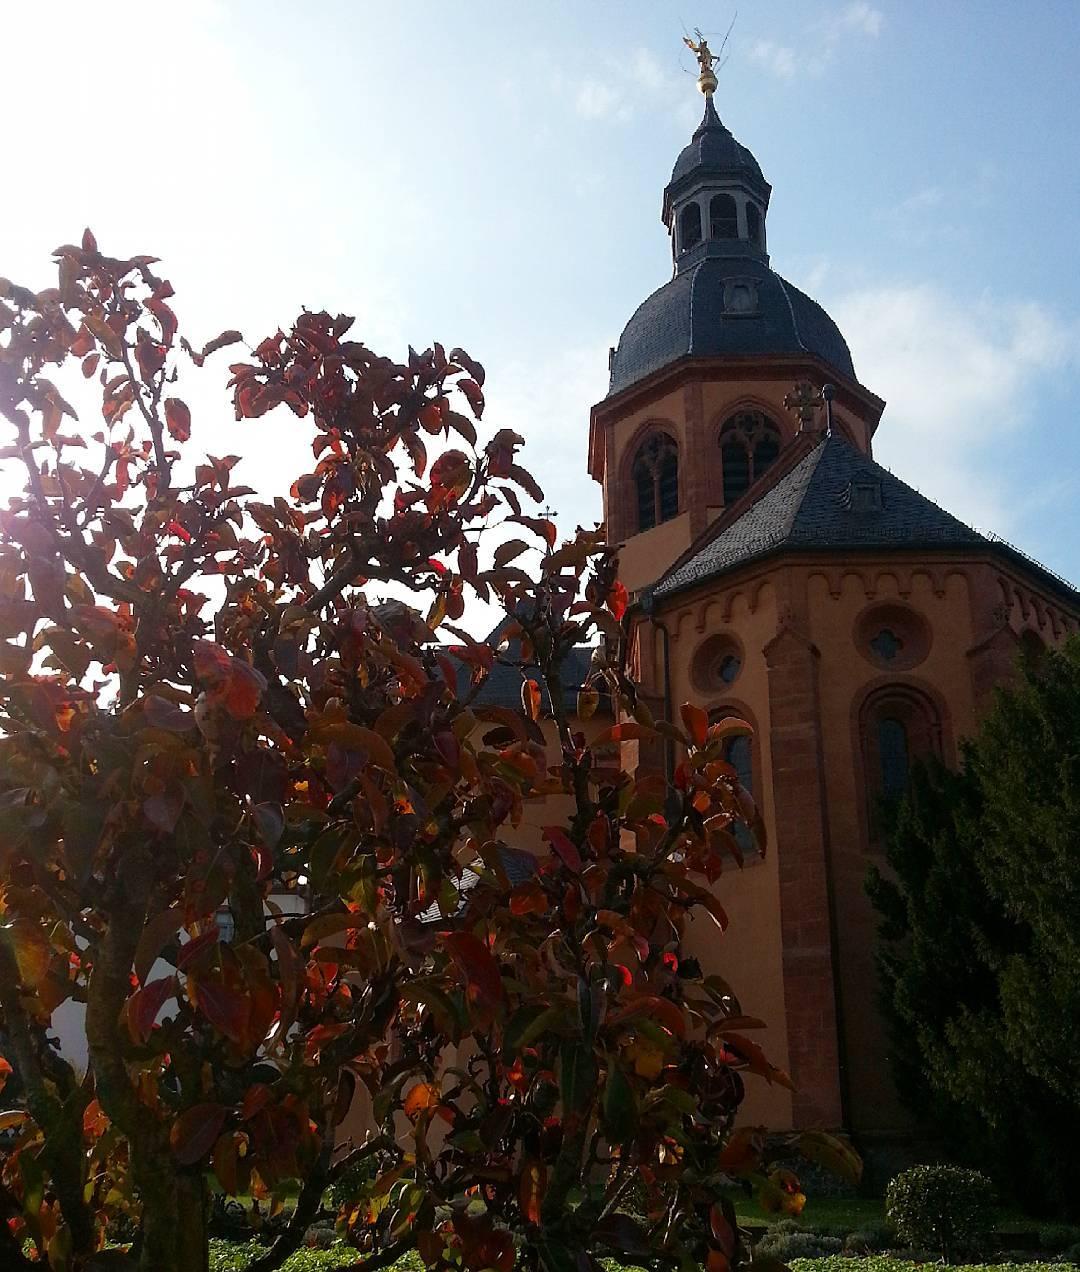 Herbst ist, wenn im Konventgarten die Zierpflanzen ihre Farbe ändern